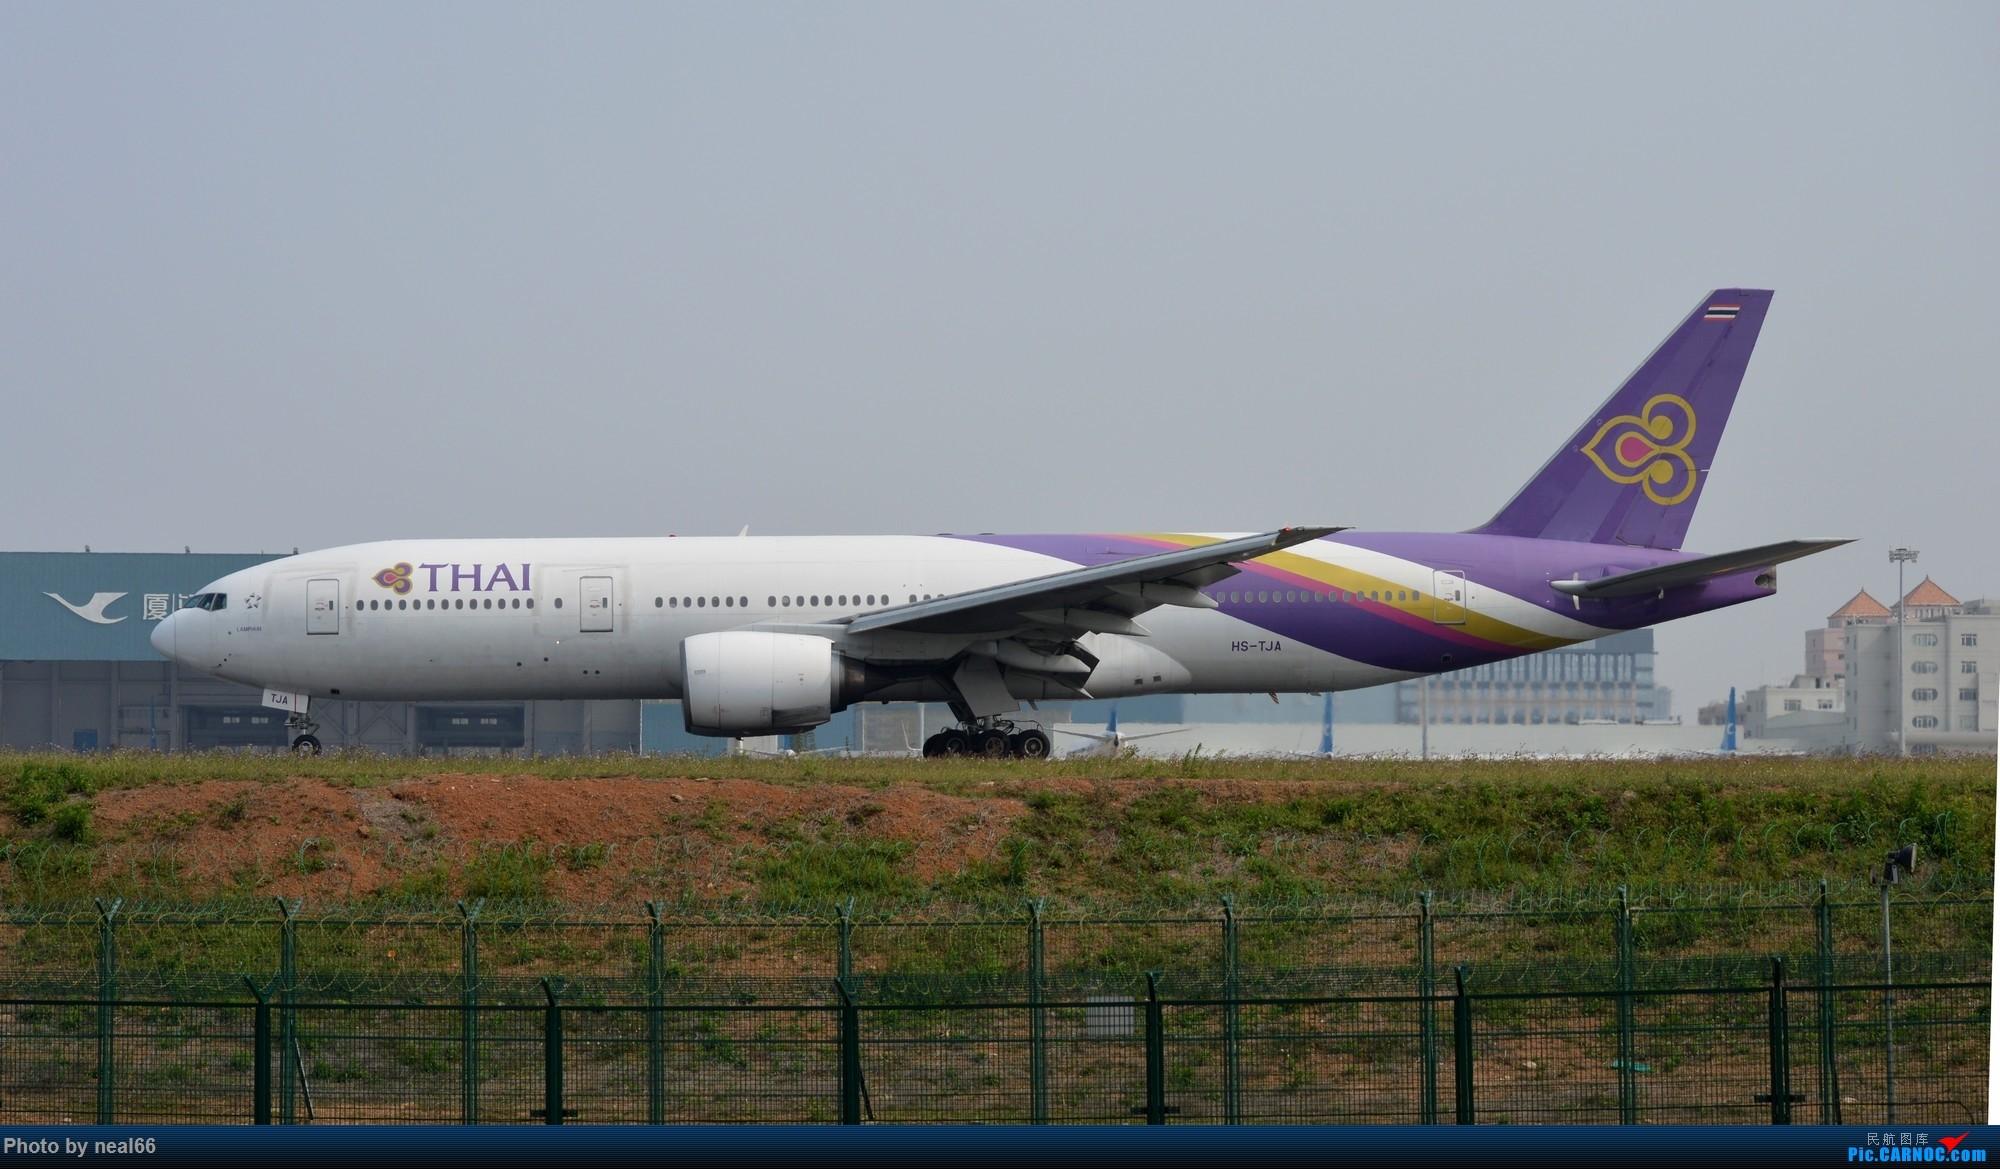 Re:[原创]厦门机场19年3月最后一天 777-200 HS-TJA 中国厦门高崎国际机场